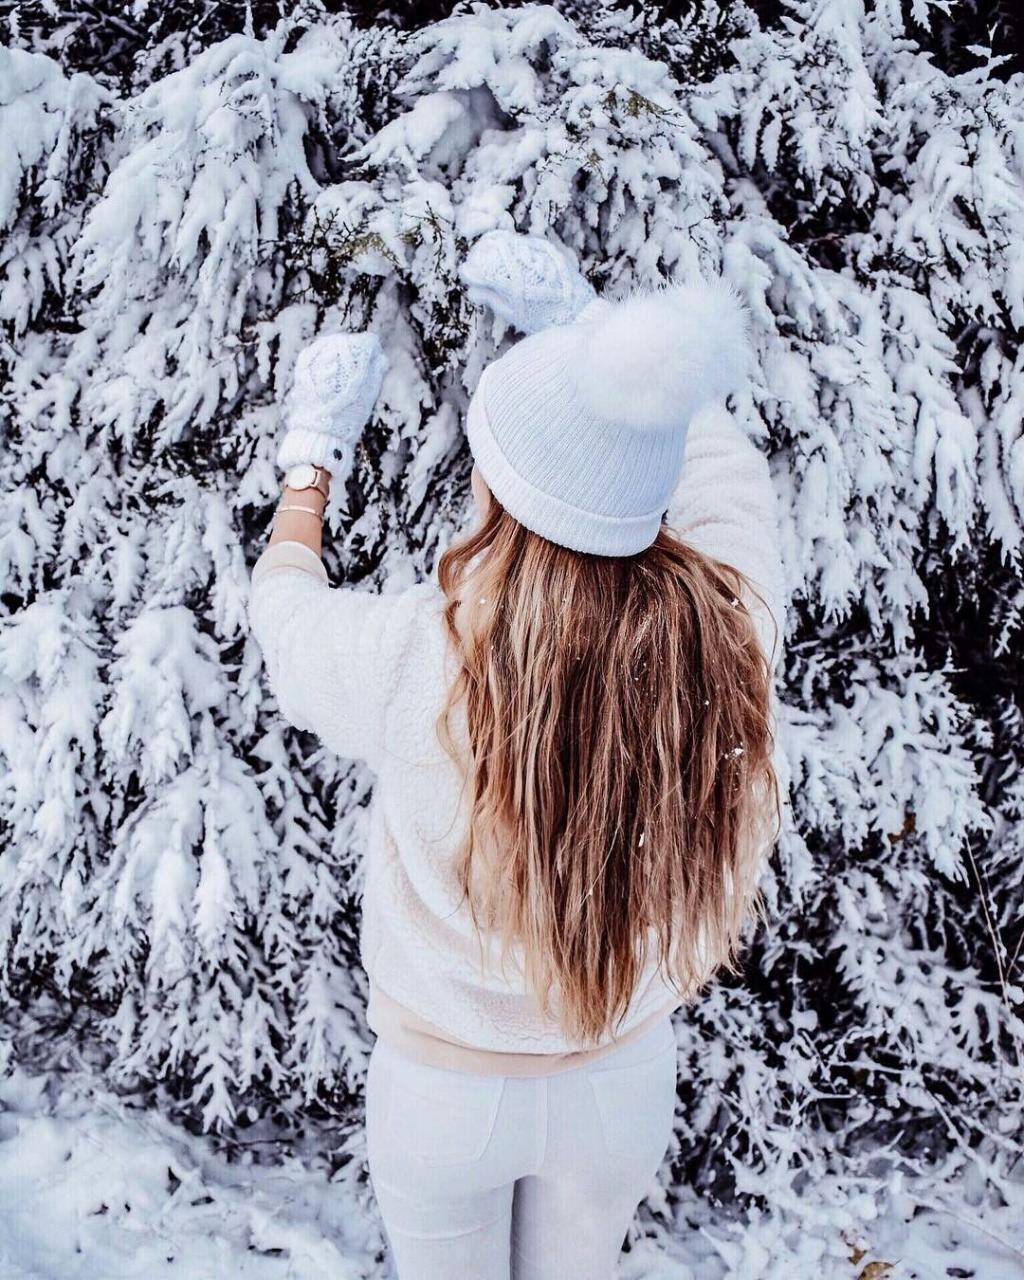 عکس پروفایل زمستانی دخترانه از پشت